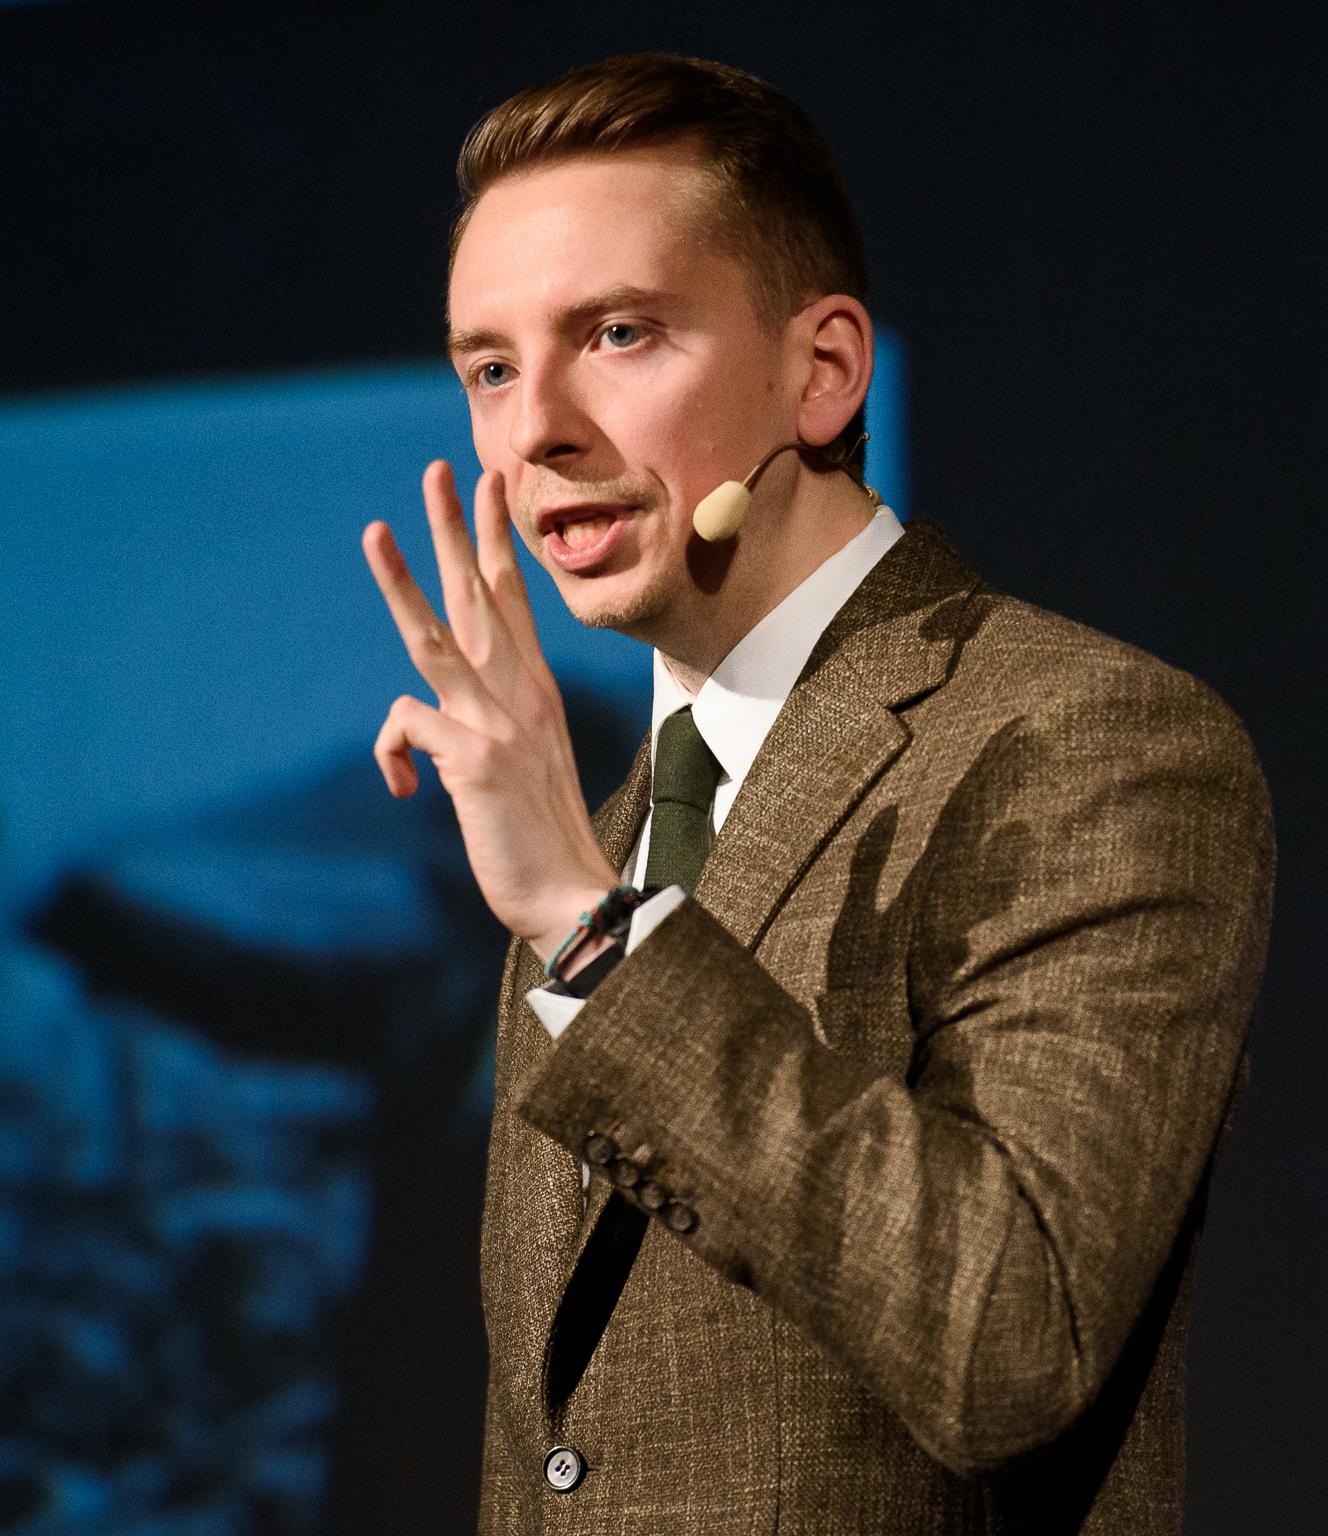 x Paul Olteanu - Public Speaking TEDx.jpg